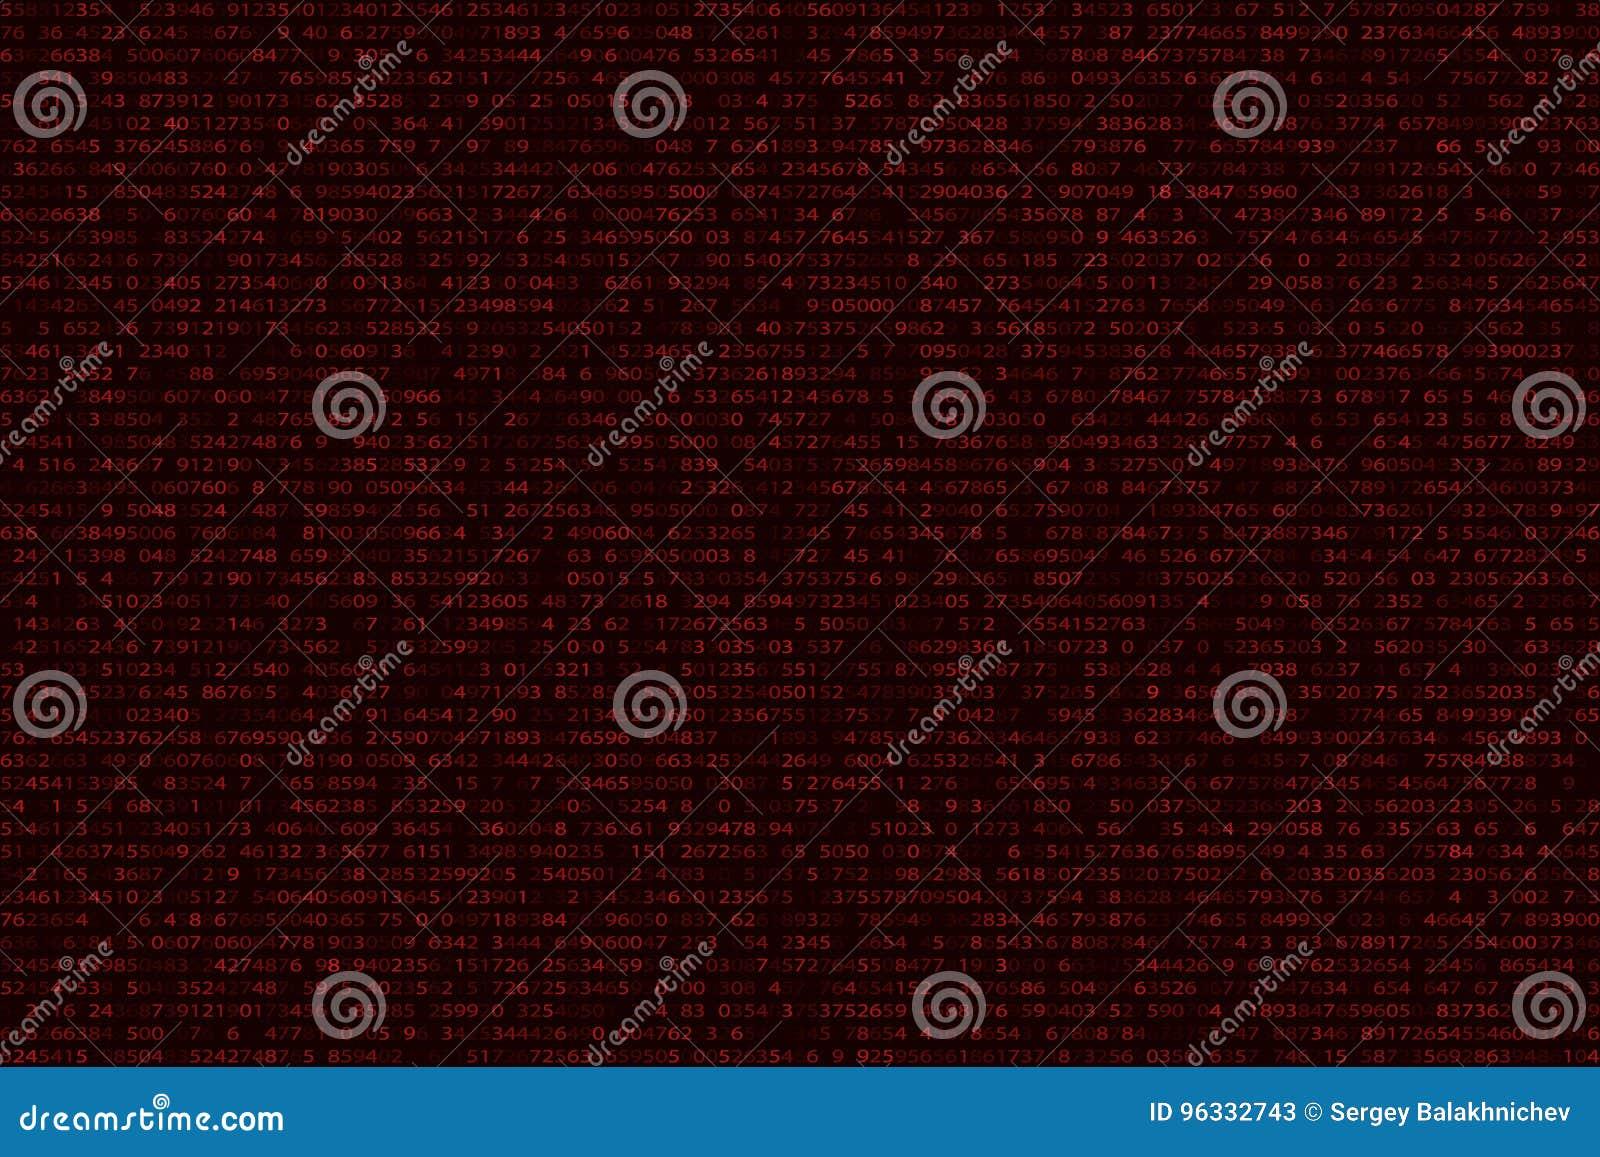 Αφηρημένο φουτουριστικό υπόβαθρο από έναν δυαδικό κώδικα σε ένα μαύρο υπόβαθρο Προγραμματισμός Ιστού στο σχέδιο σύγχρονες τεχνολο